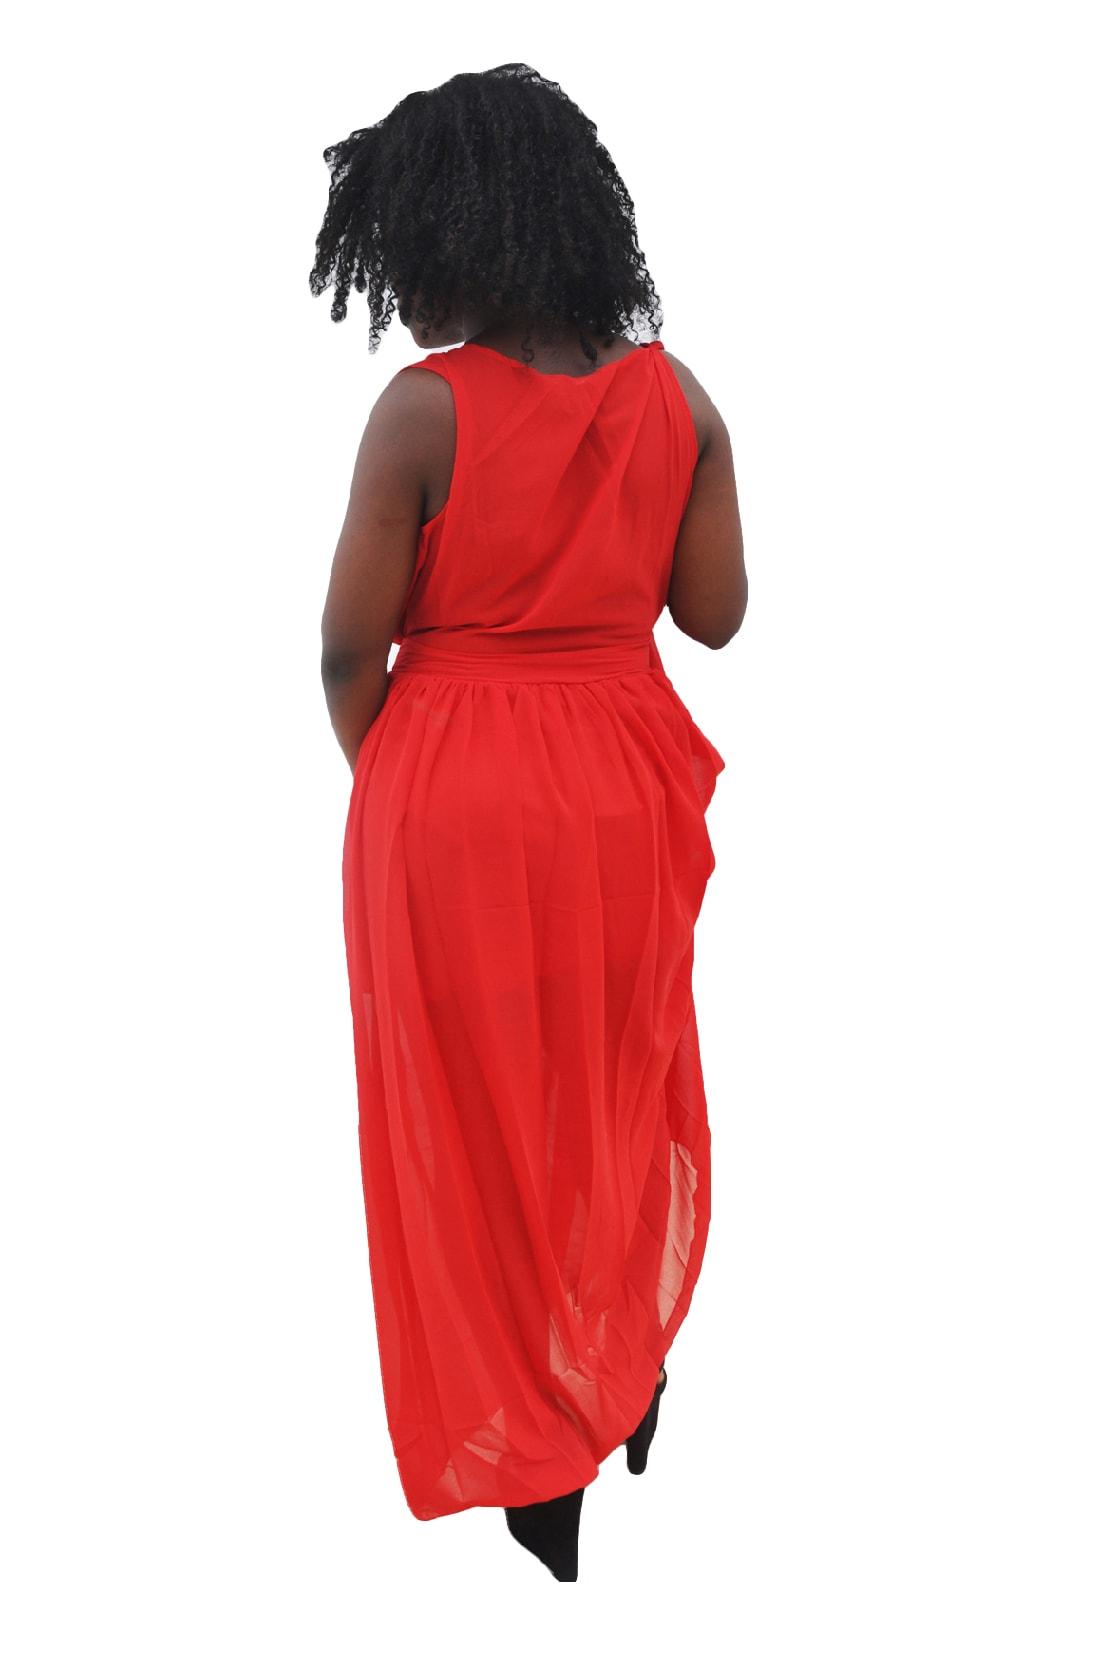 M0285 red2 Maxi Dresses maureens.com boutique